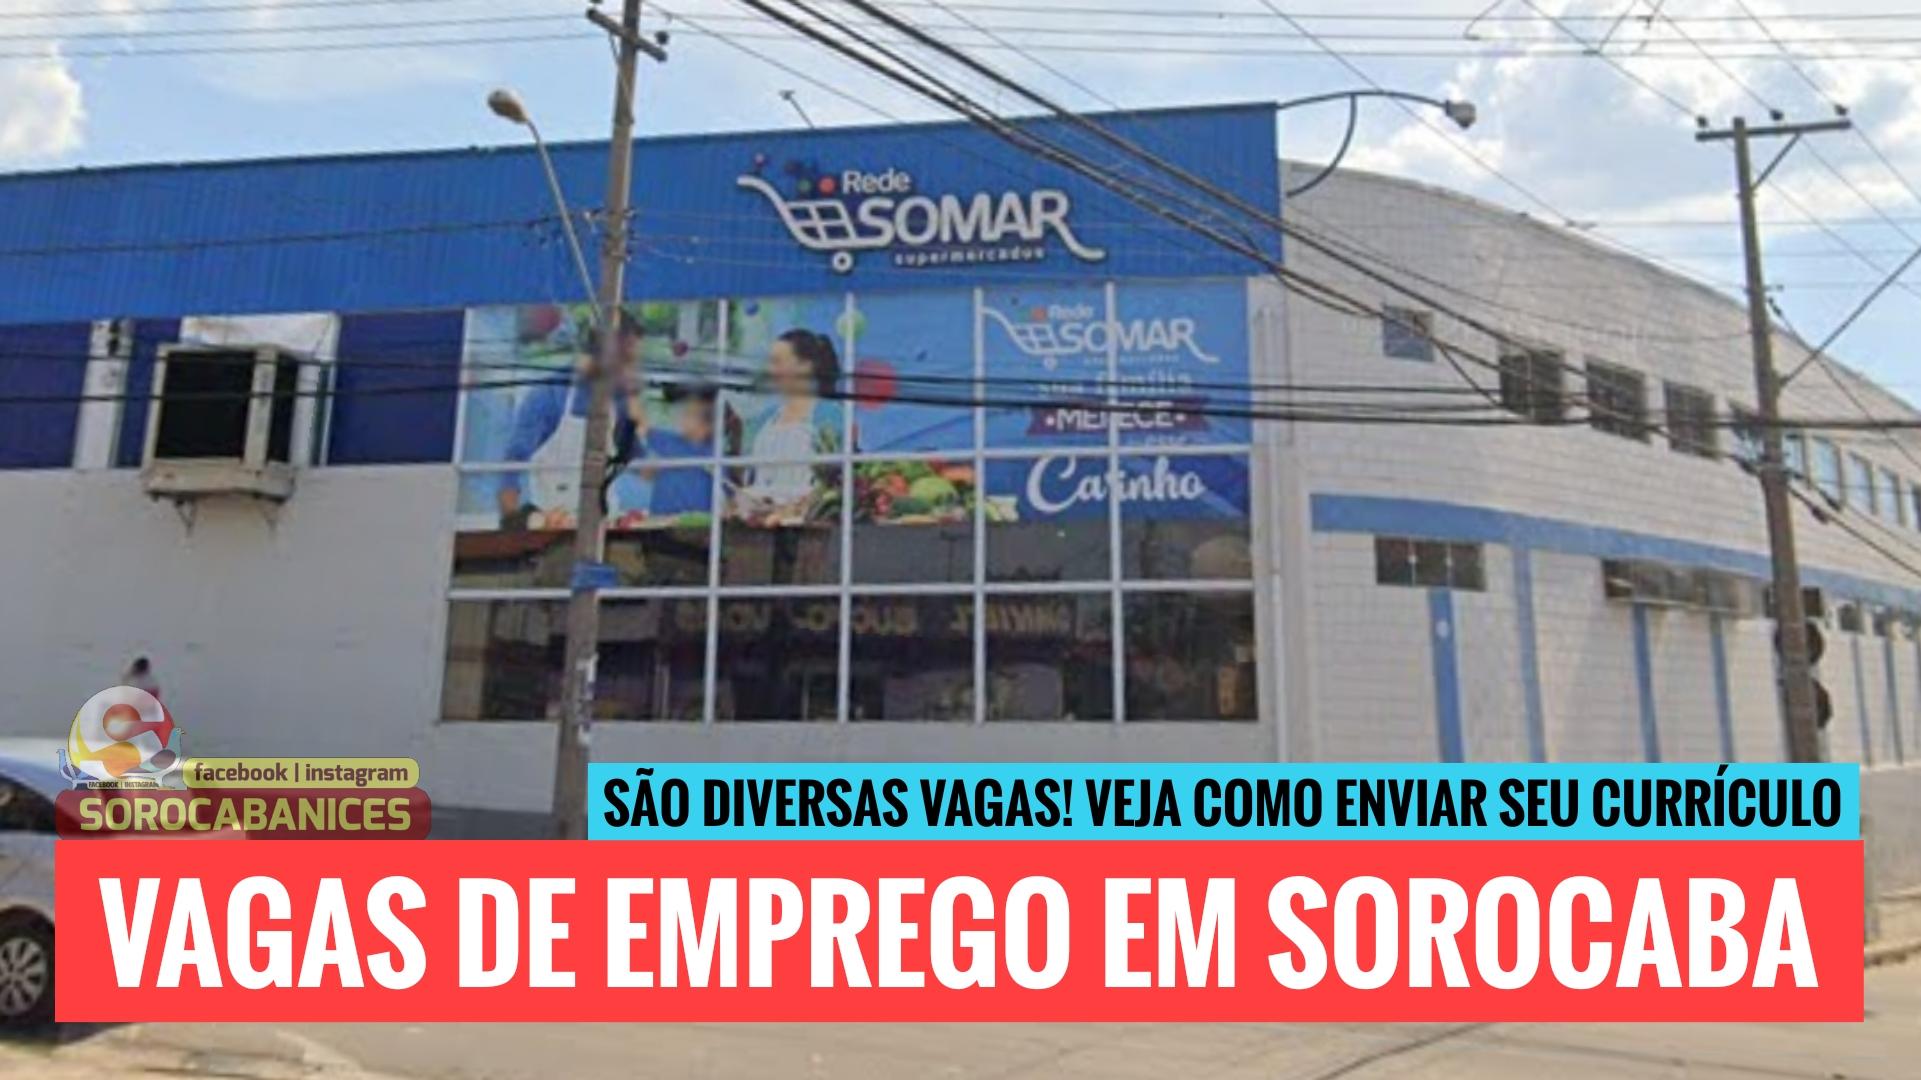 Rede Somar abre várias vagas de emprego em Sorocaba; confira!